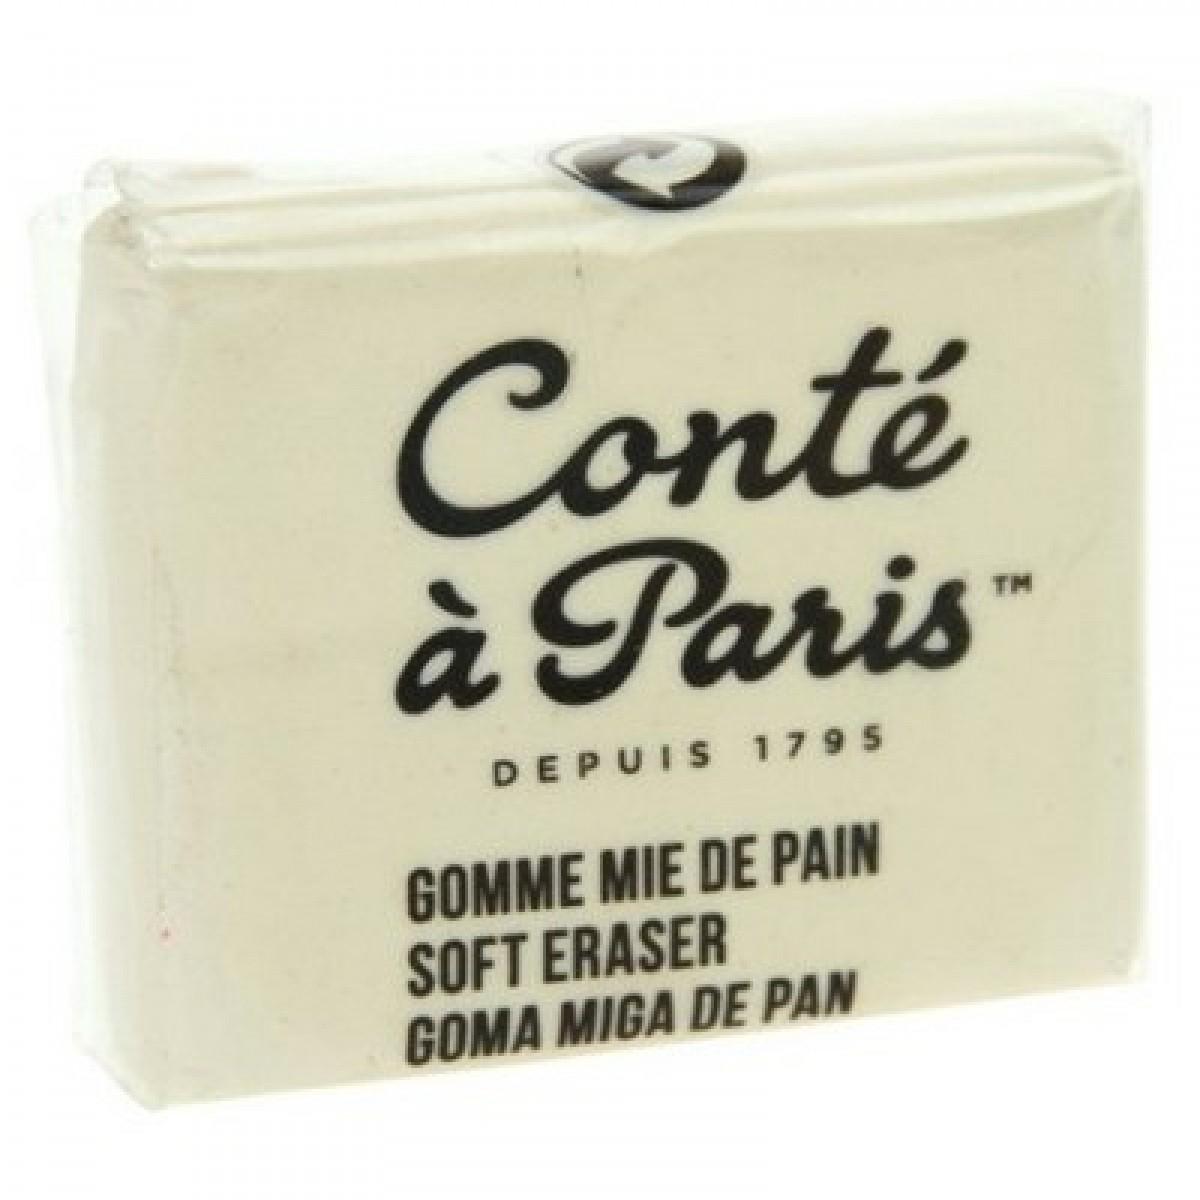 Borracha Limpa Tipo Conte a Paris